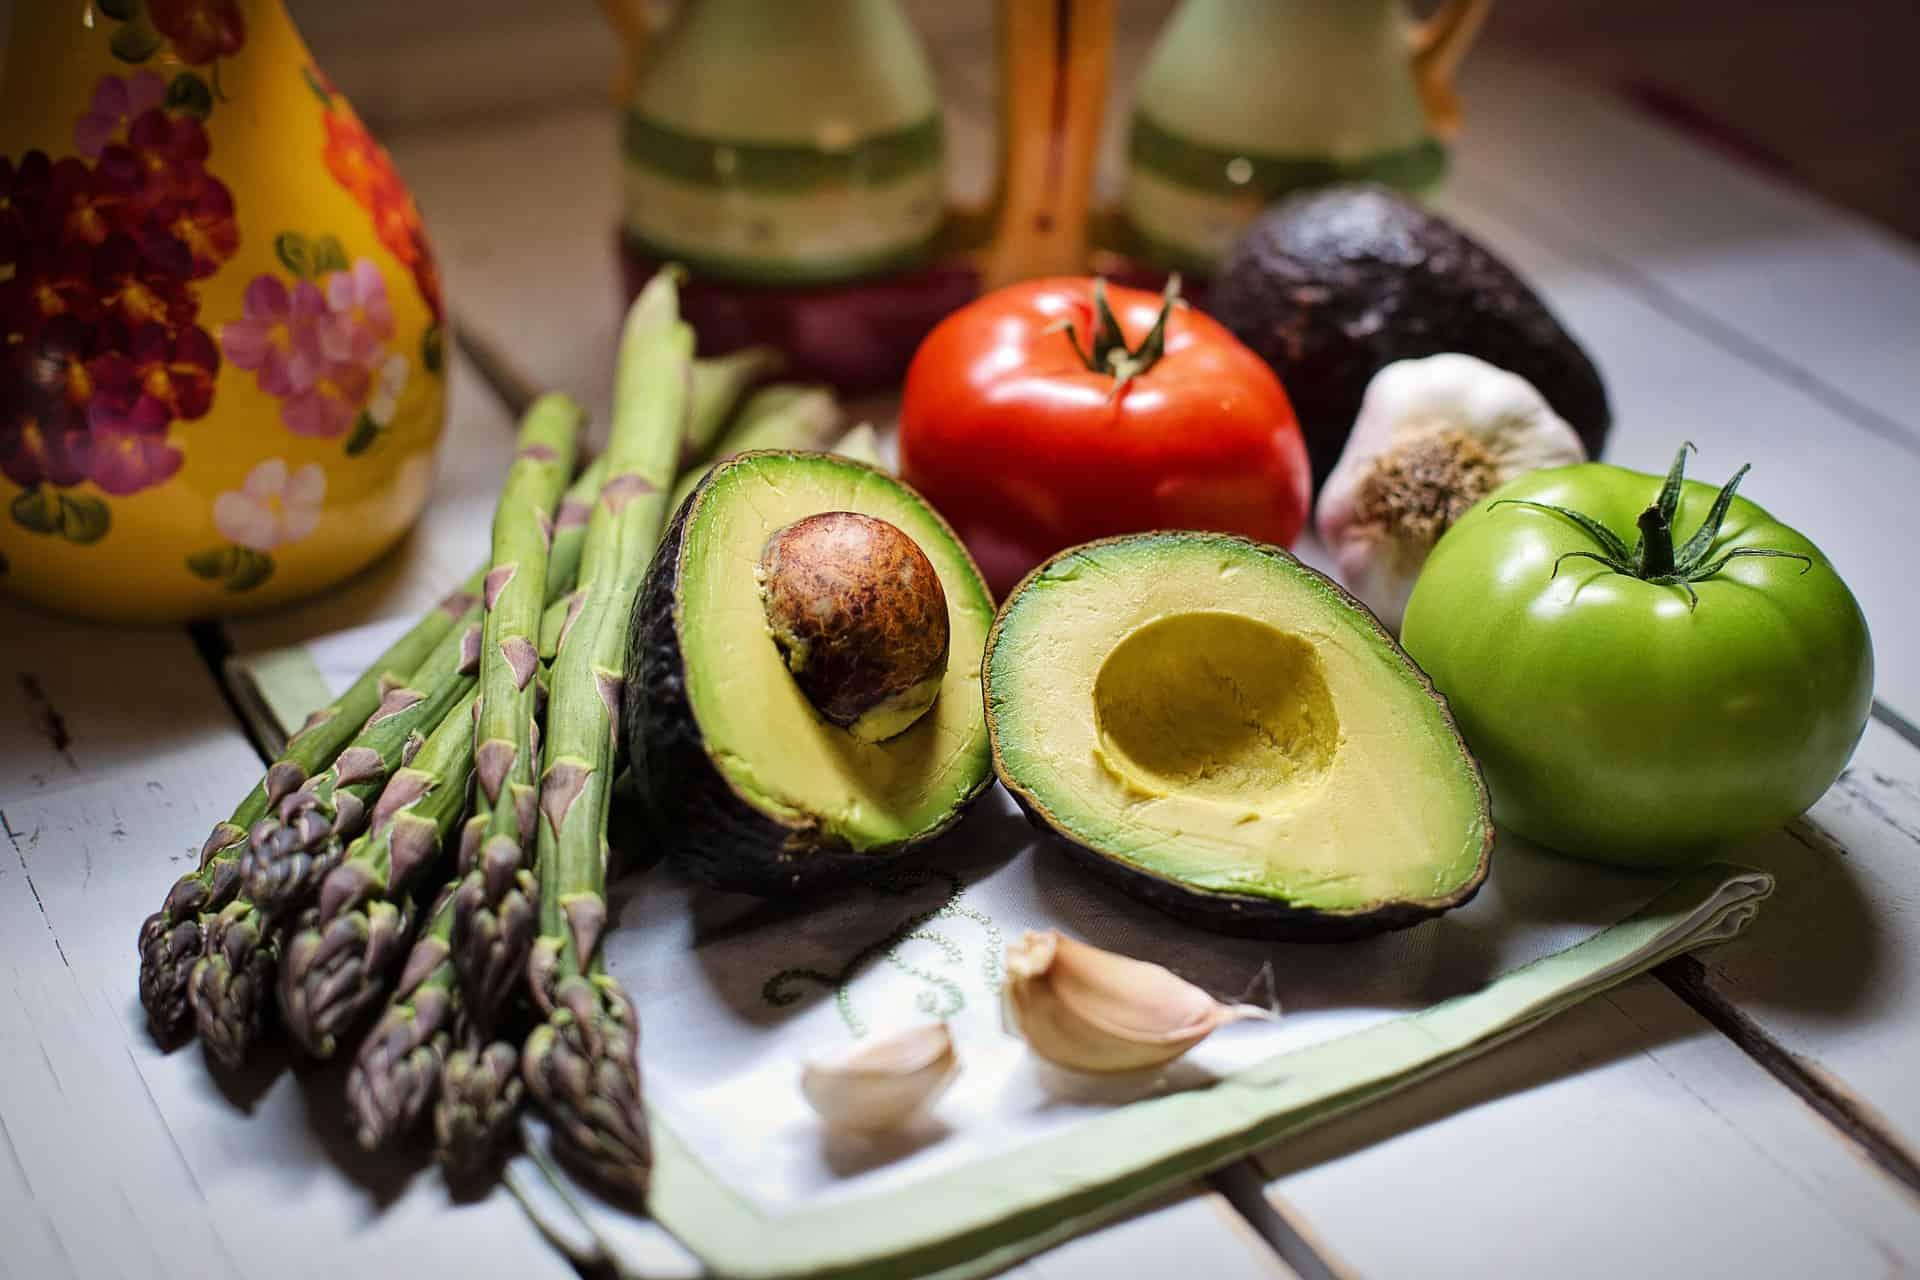 התרחק מאכילת אוכל מן החי, צילום אילוסטרציה